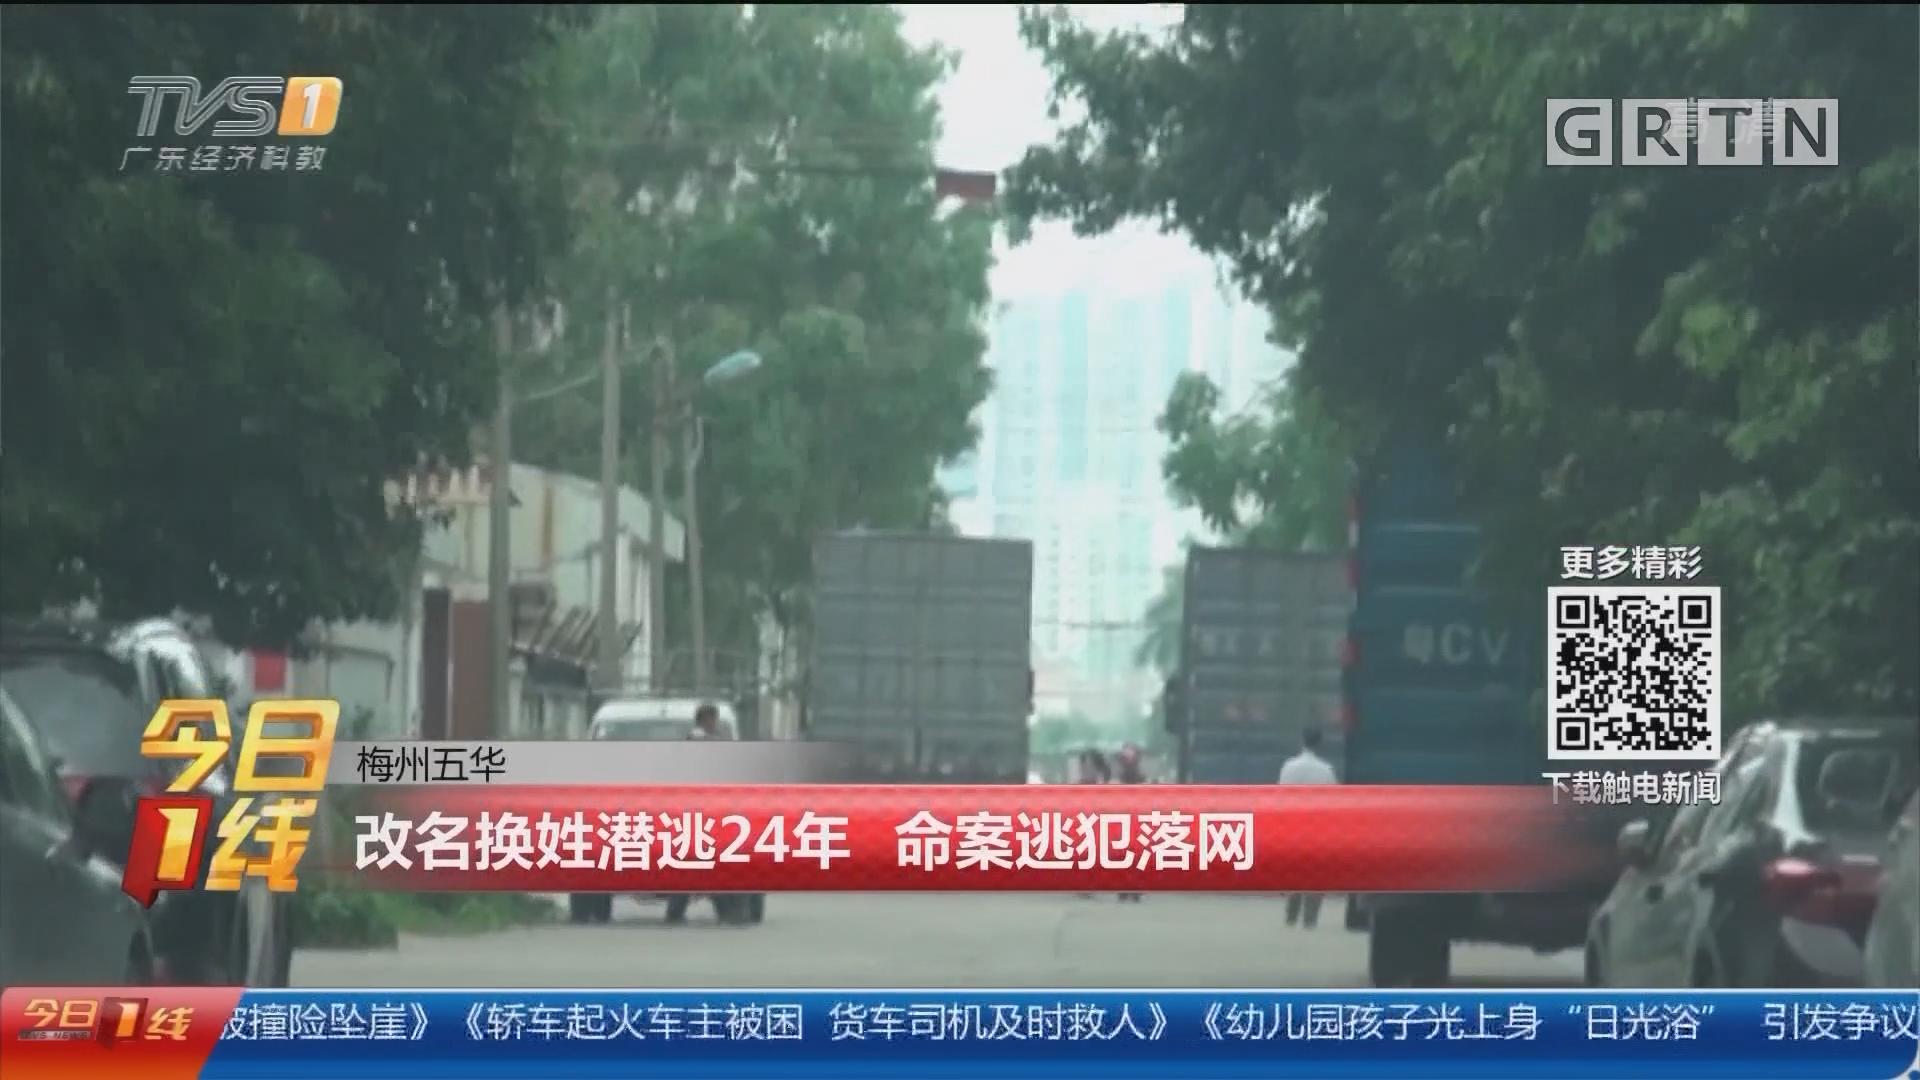 梅州五华:改名换姓潜逃24年 命案逃犯落网